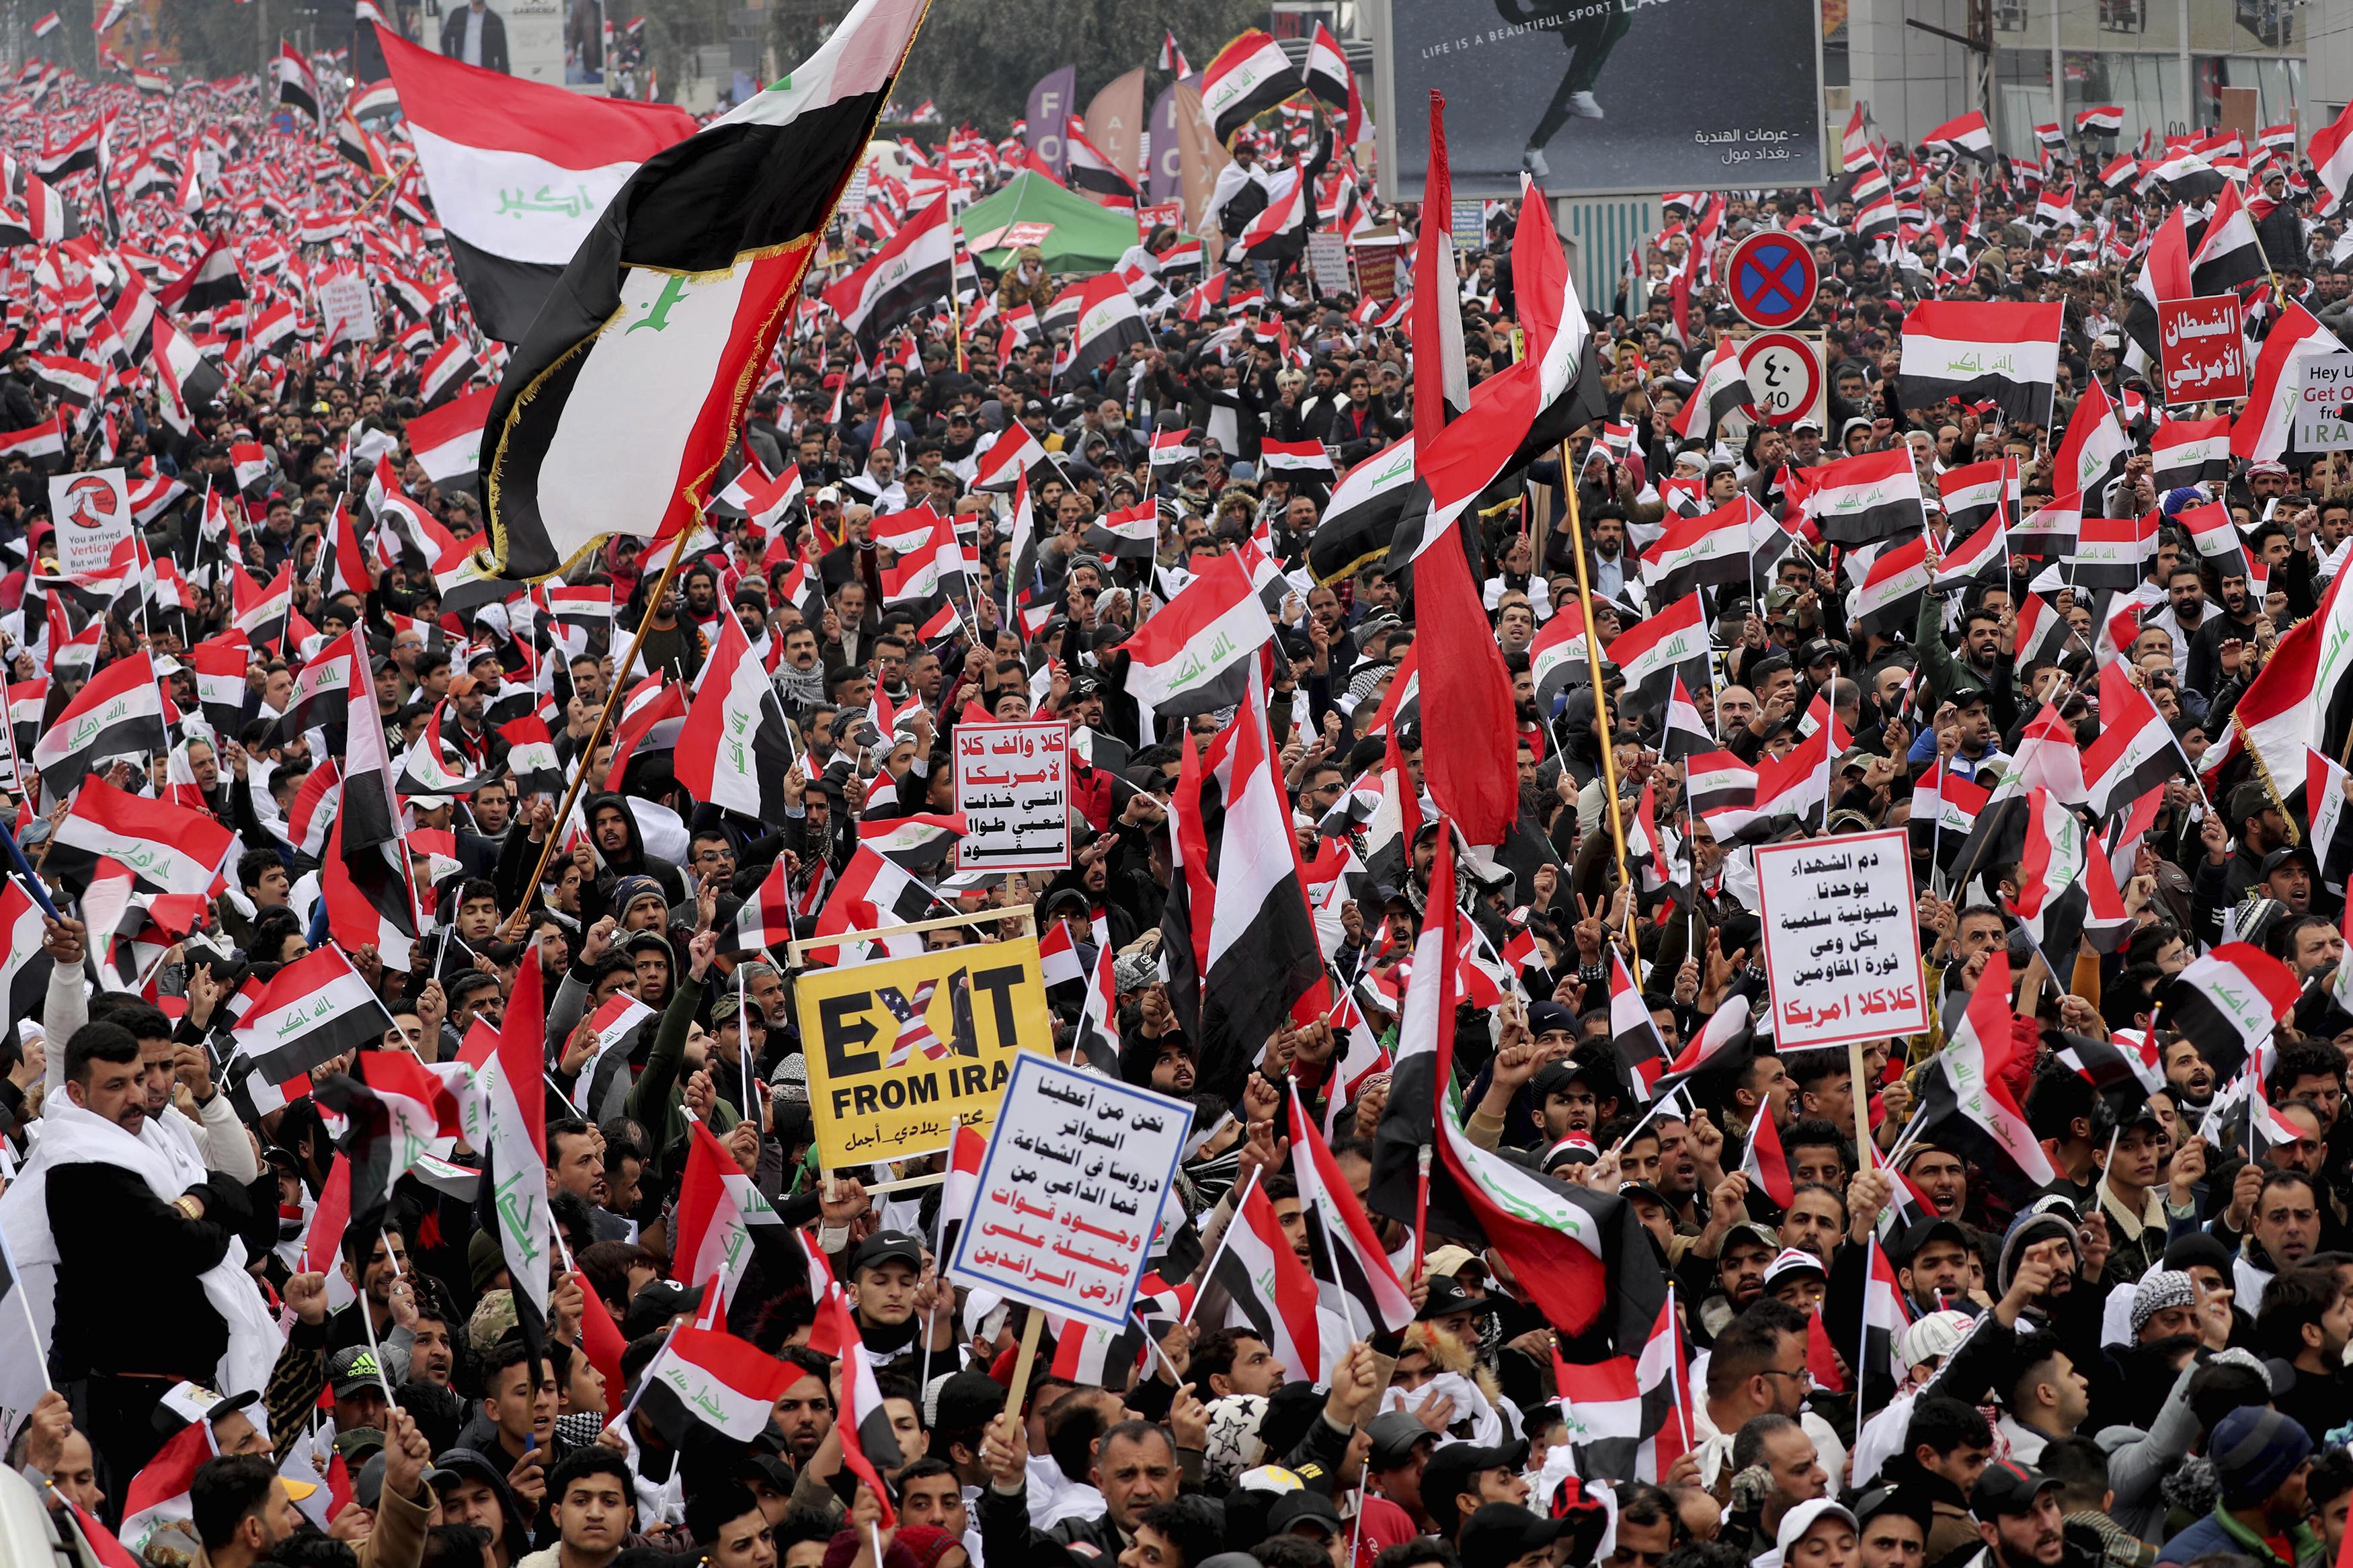 آشفتگی در عراق؛ آیا مقتدی صدر قدم در مسیر جدیدی گذاشته است؟